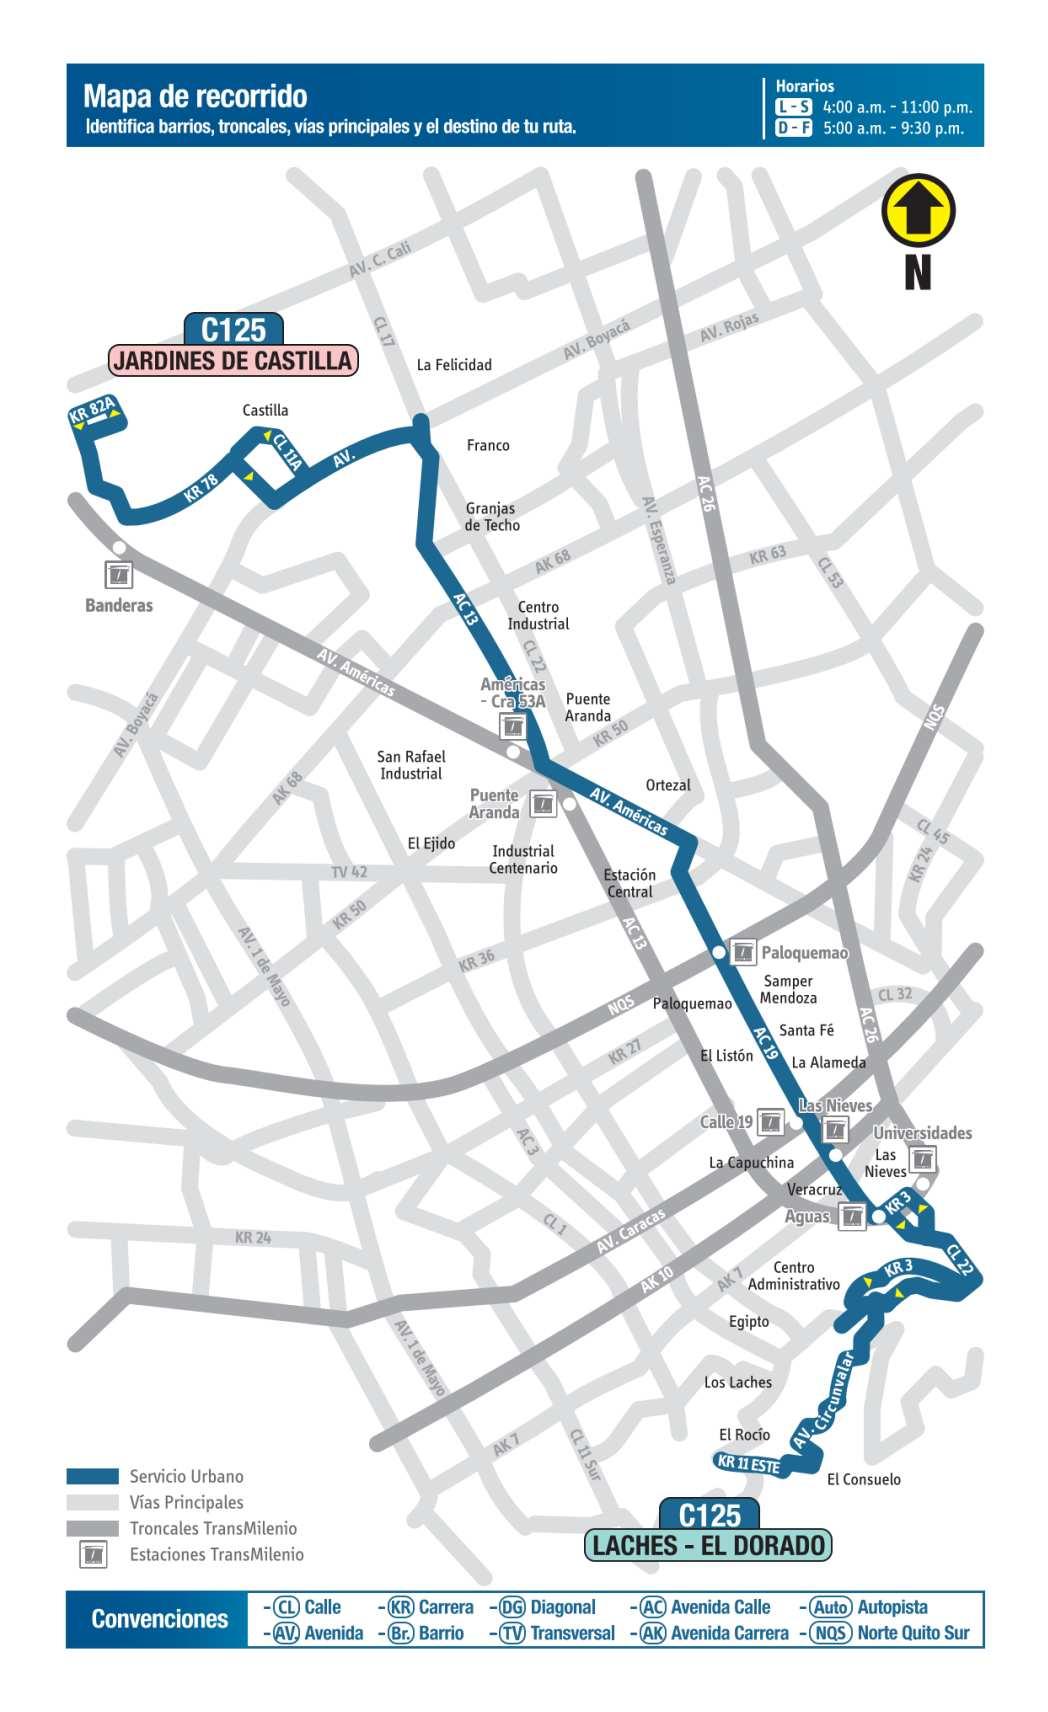 C125 Jardines de Castilla - Laches - El Dorado, mapa bus urbano Bogotá